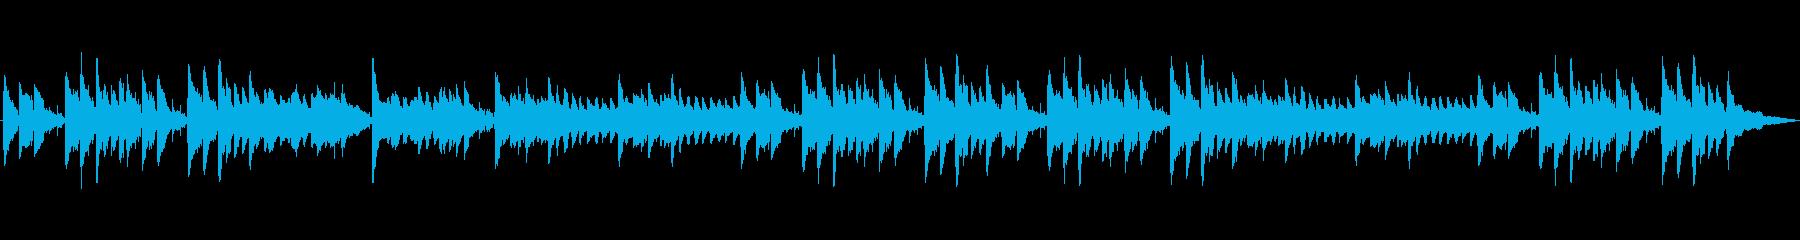 ピアノとアコースティックギターの温...の再生済みの波形